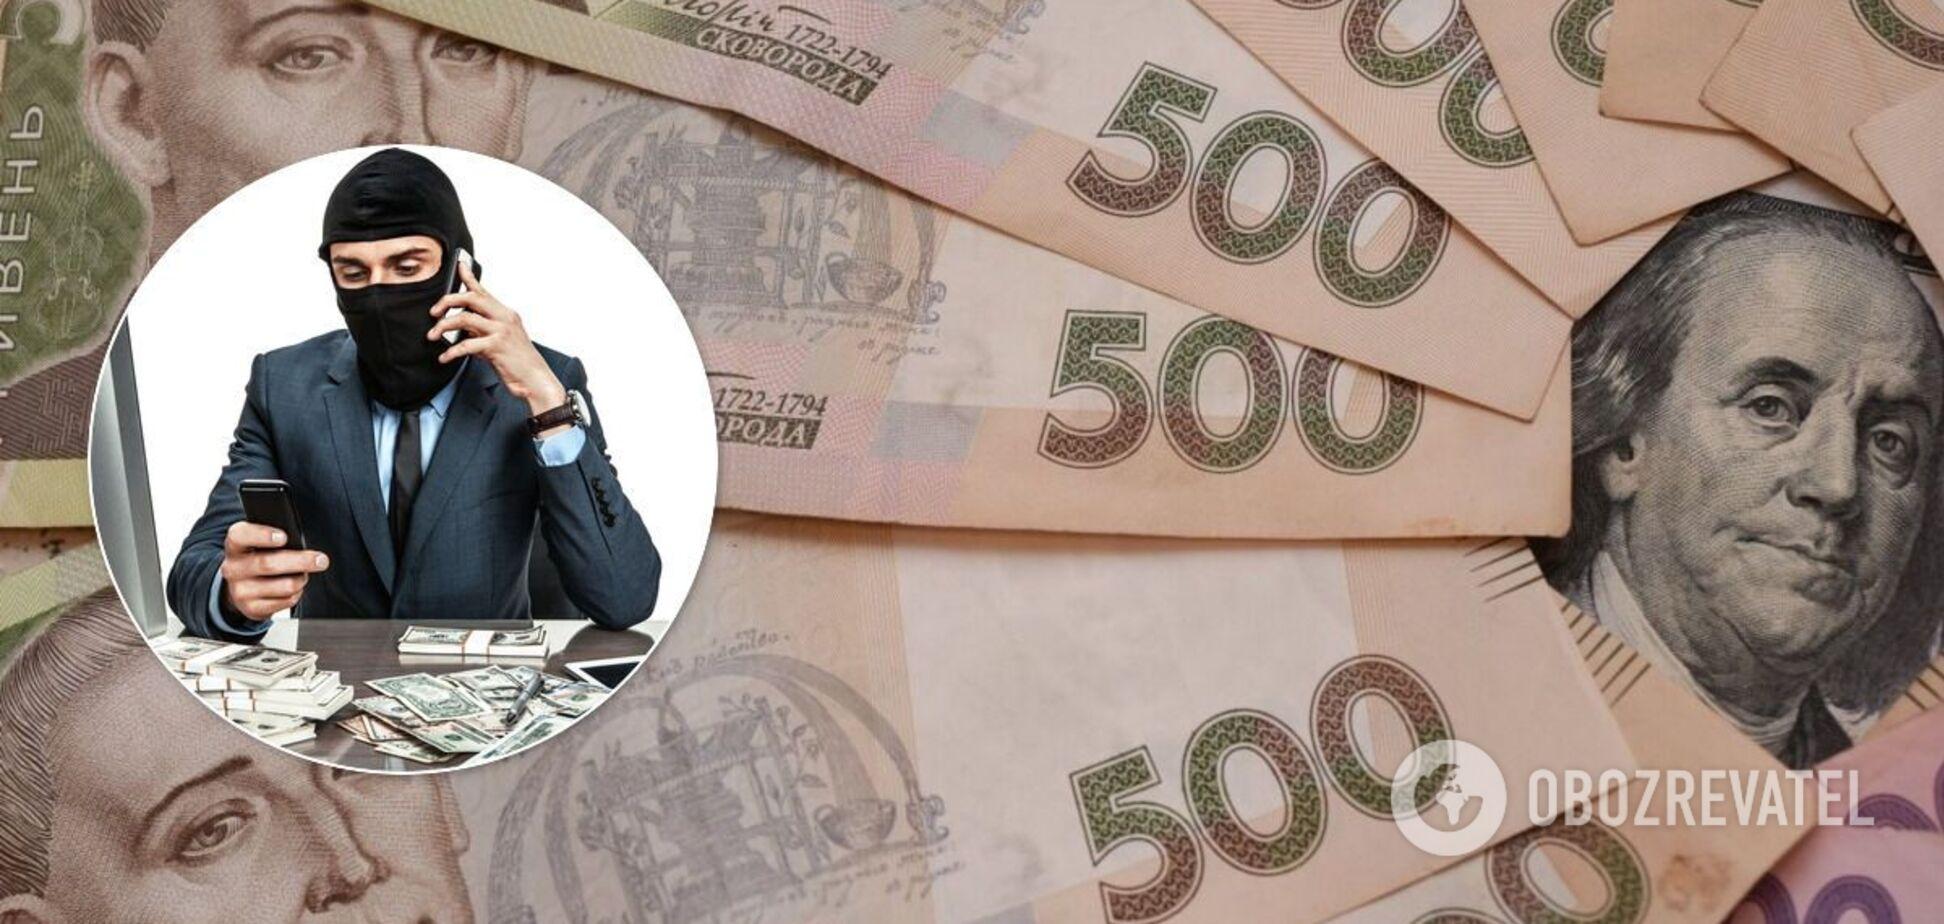 Мошенники оформили липовые кредиты на украинцев